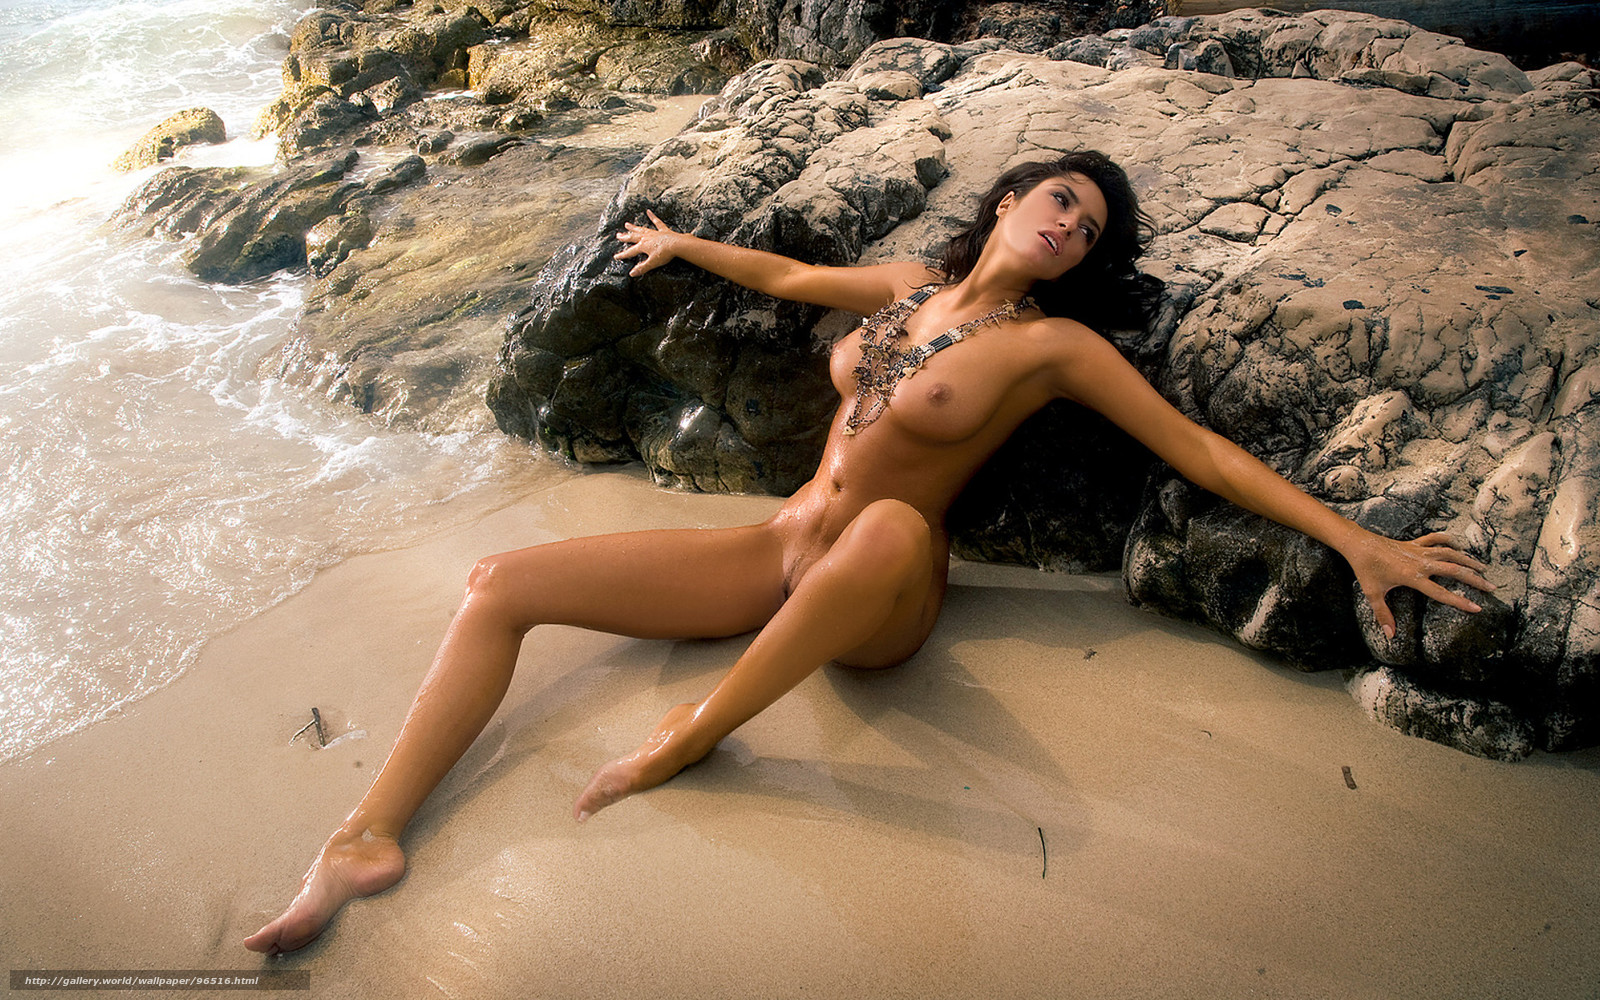 Смотреть музыкальные ролики с голыми девками 8 фотография